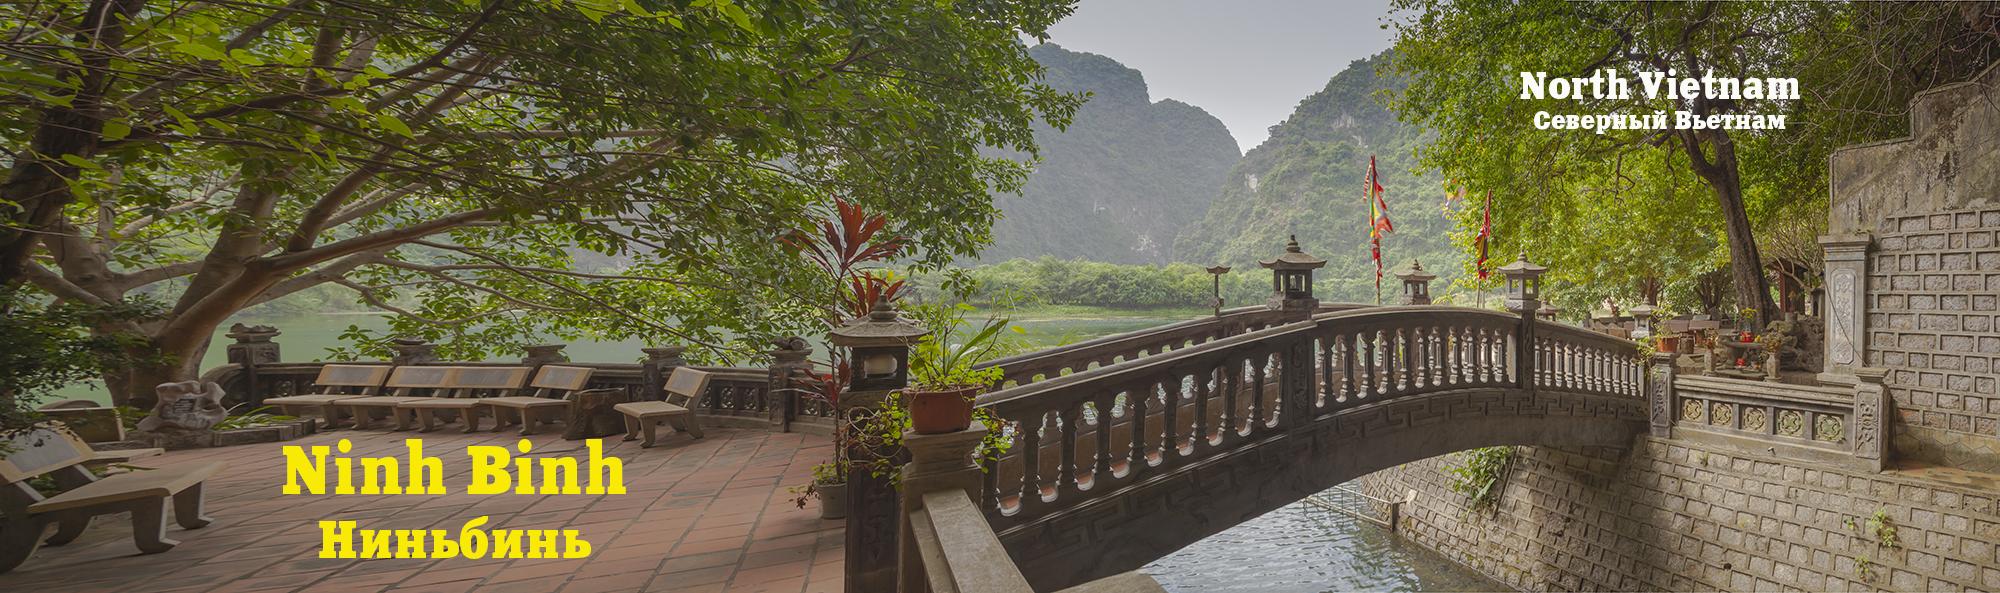 Видео экскурсия по Ниньбинь